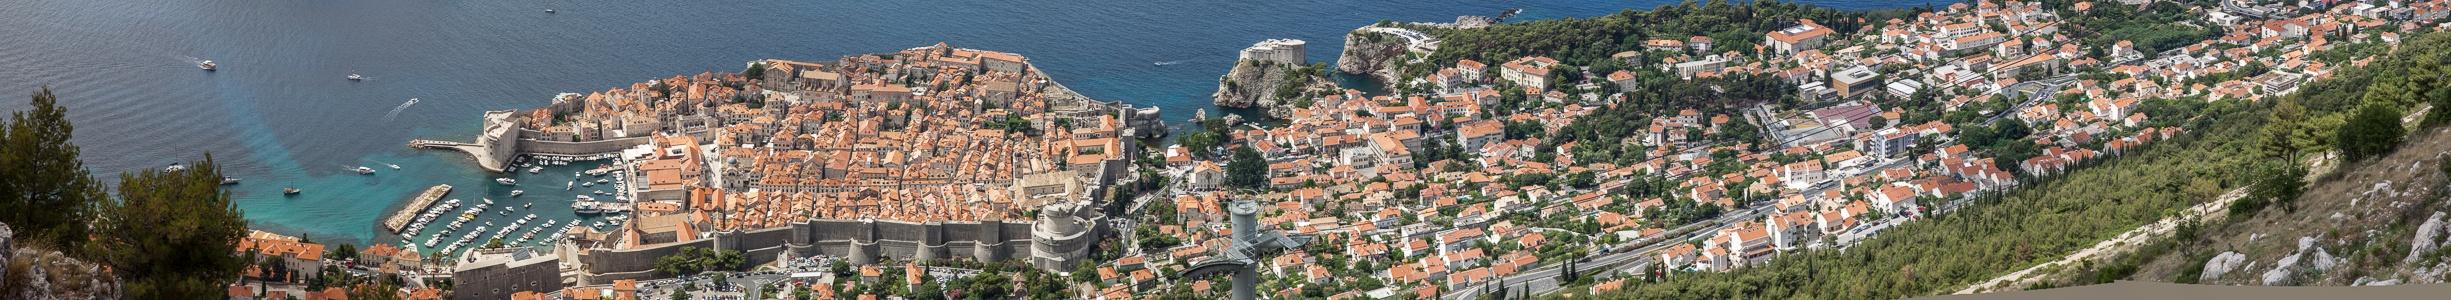 Blick vom Brdo Srđ: Adriatisches Meer (Mittelmeer), Altstadt (Grad) Dubrovnik